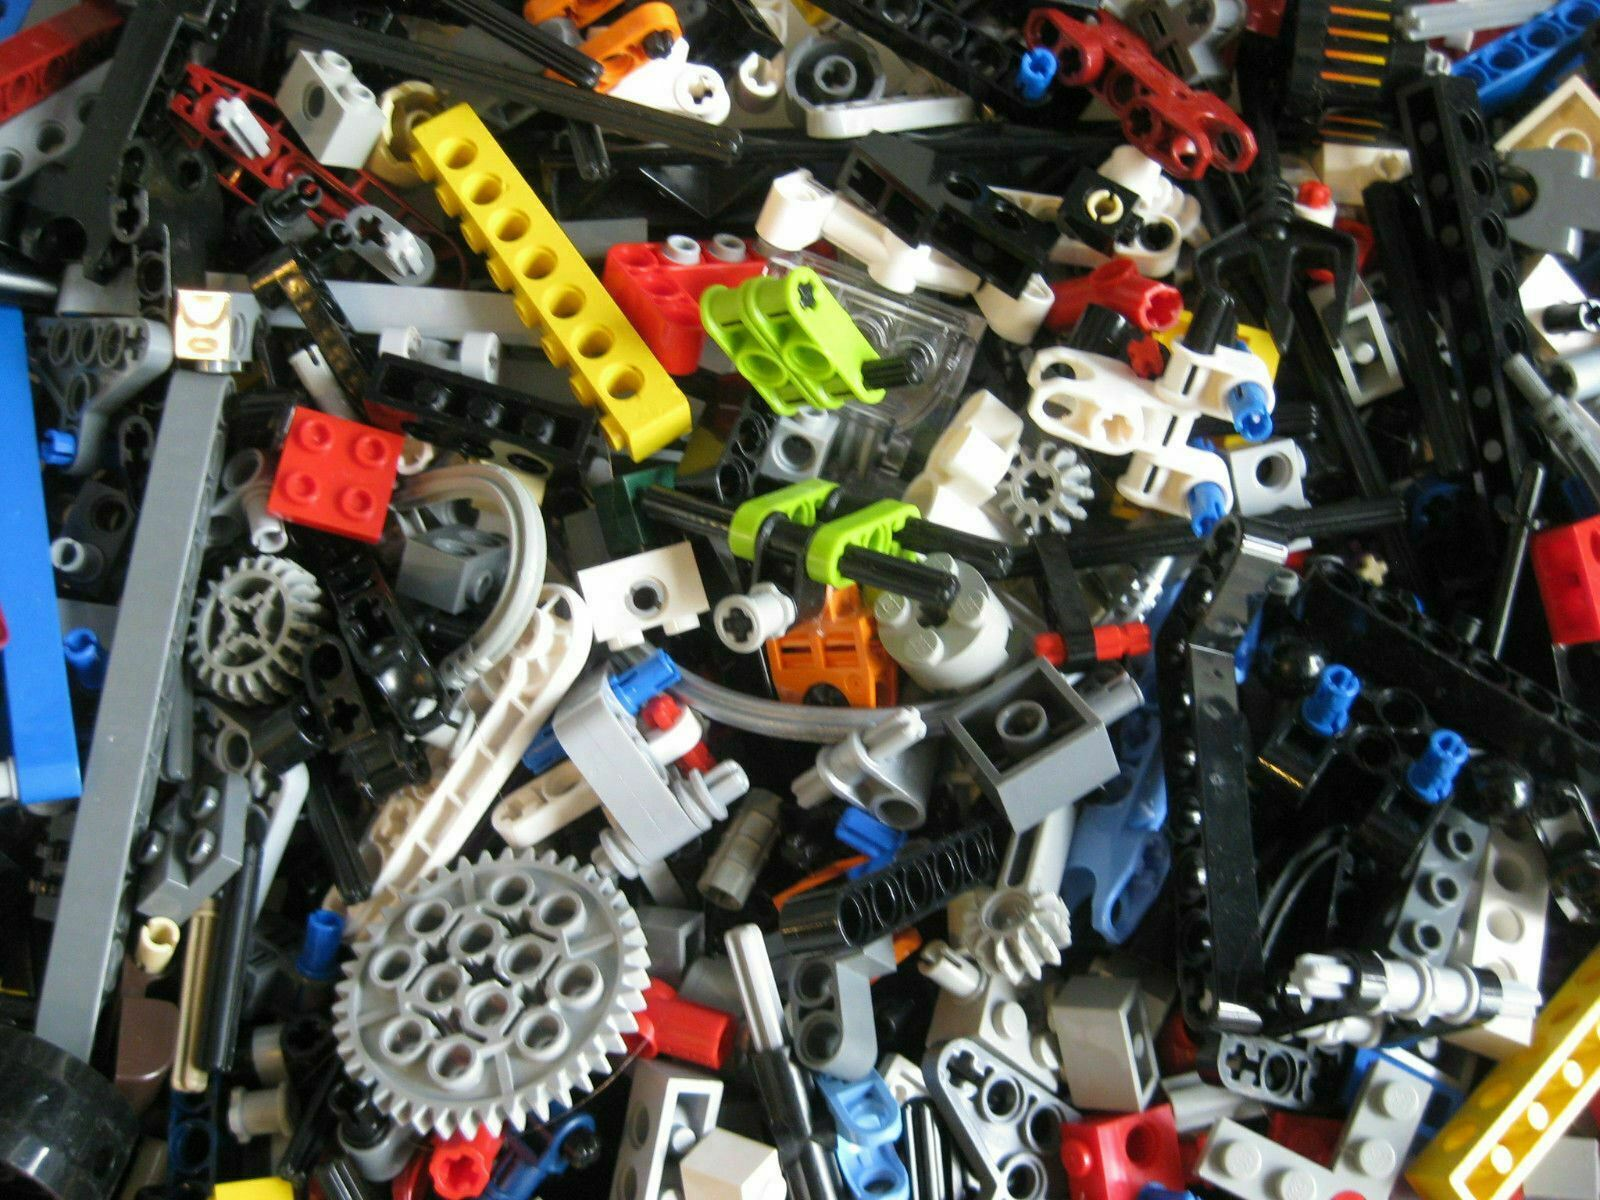 Lego Bulk Lot TECHNIC MINDSTORM PARTS 1//4 lb Beams Pins Axles Cog Specific ASK